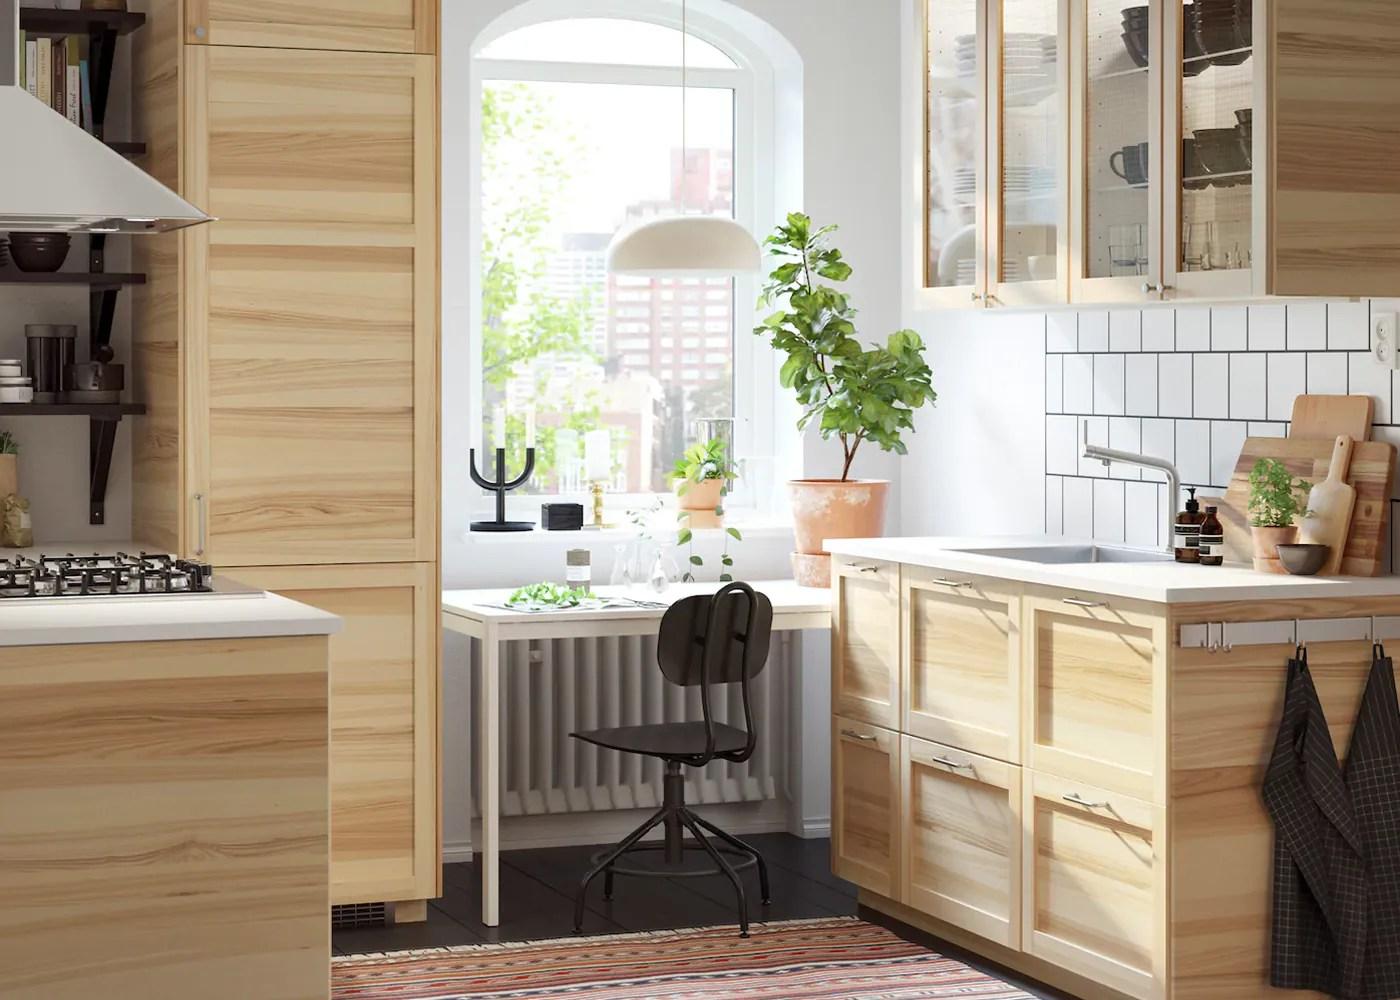 Outdoor Küche Ikea Deutschland : Ikea outdoor küche u nur eine weitere galerie für dekoration